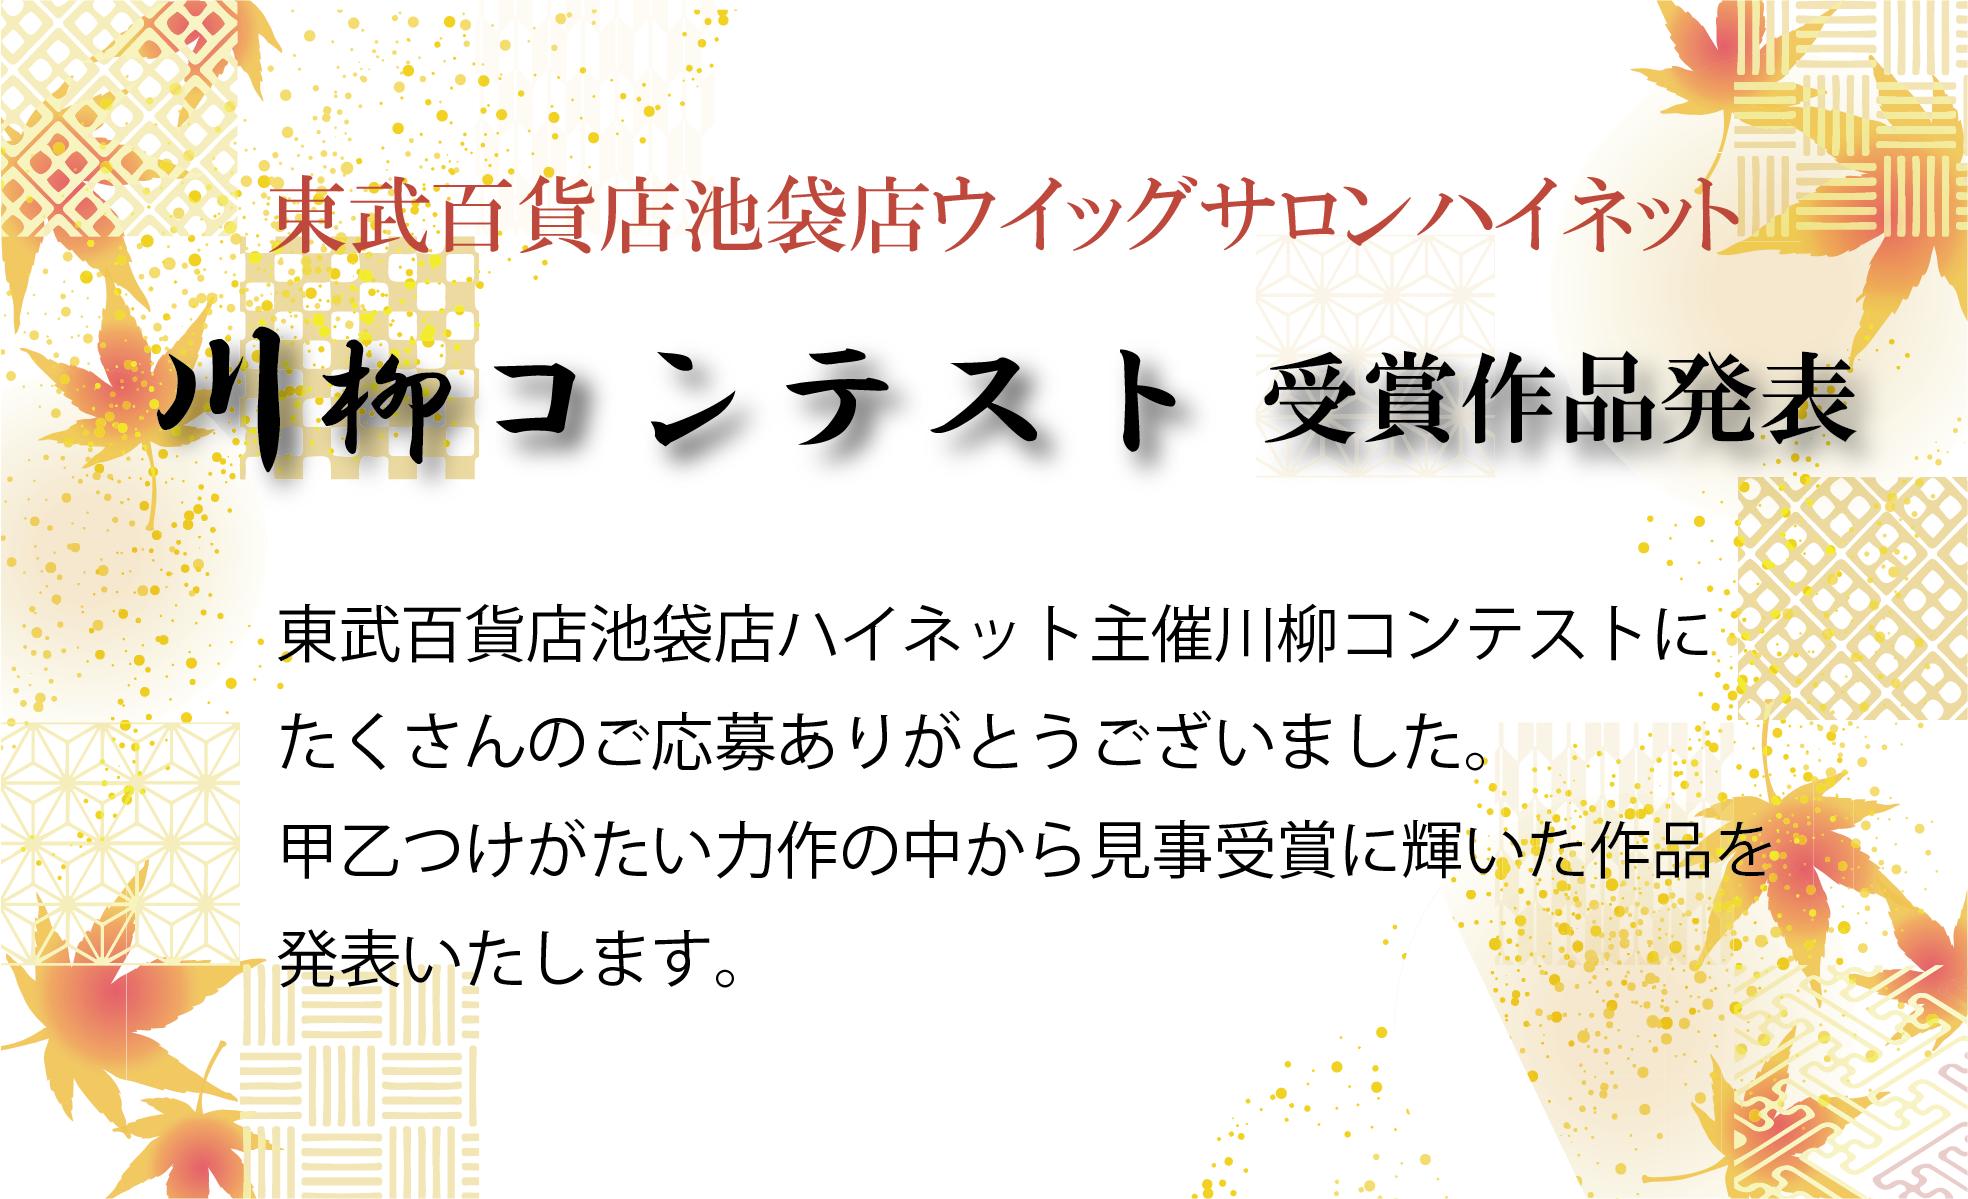 東武百貨店池袋店ウイッグサロンハイネット 川柳コンテスト 受賞作品発表